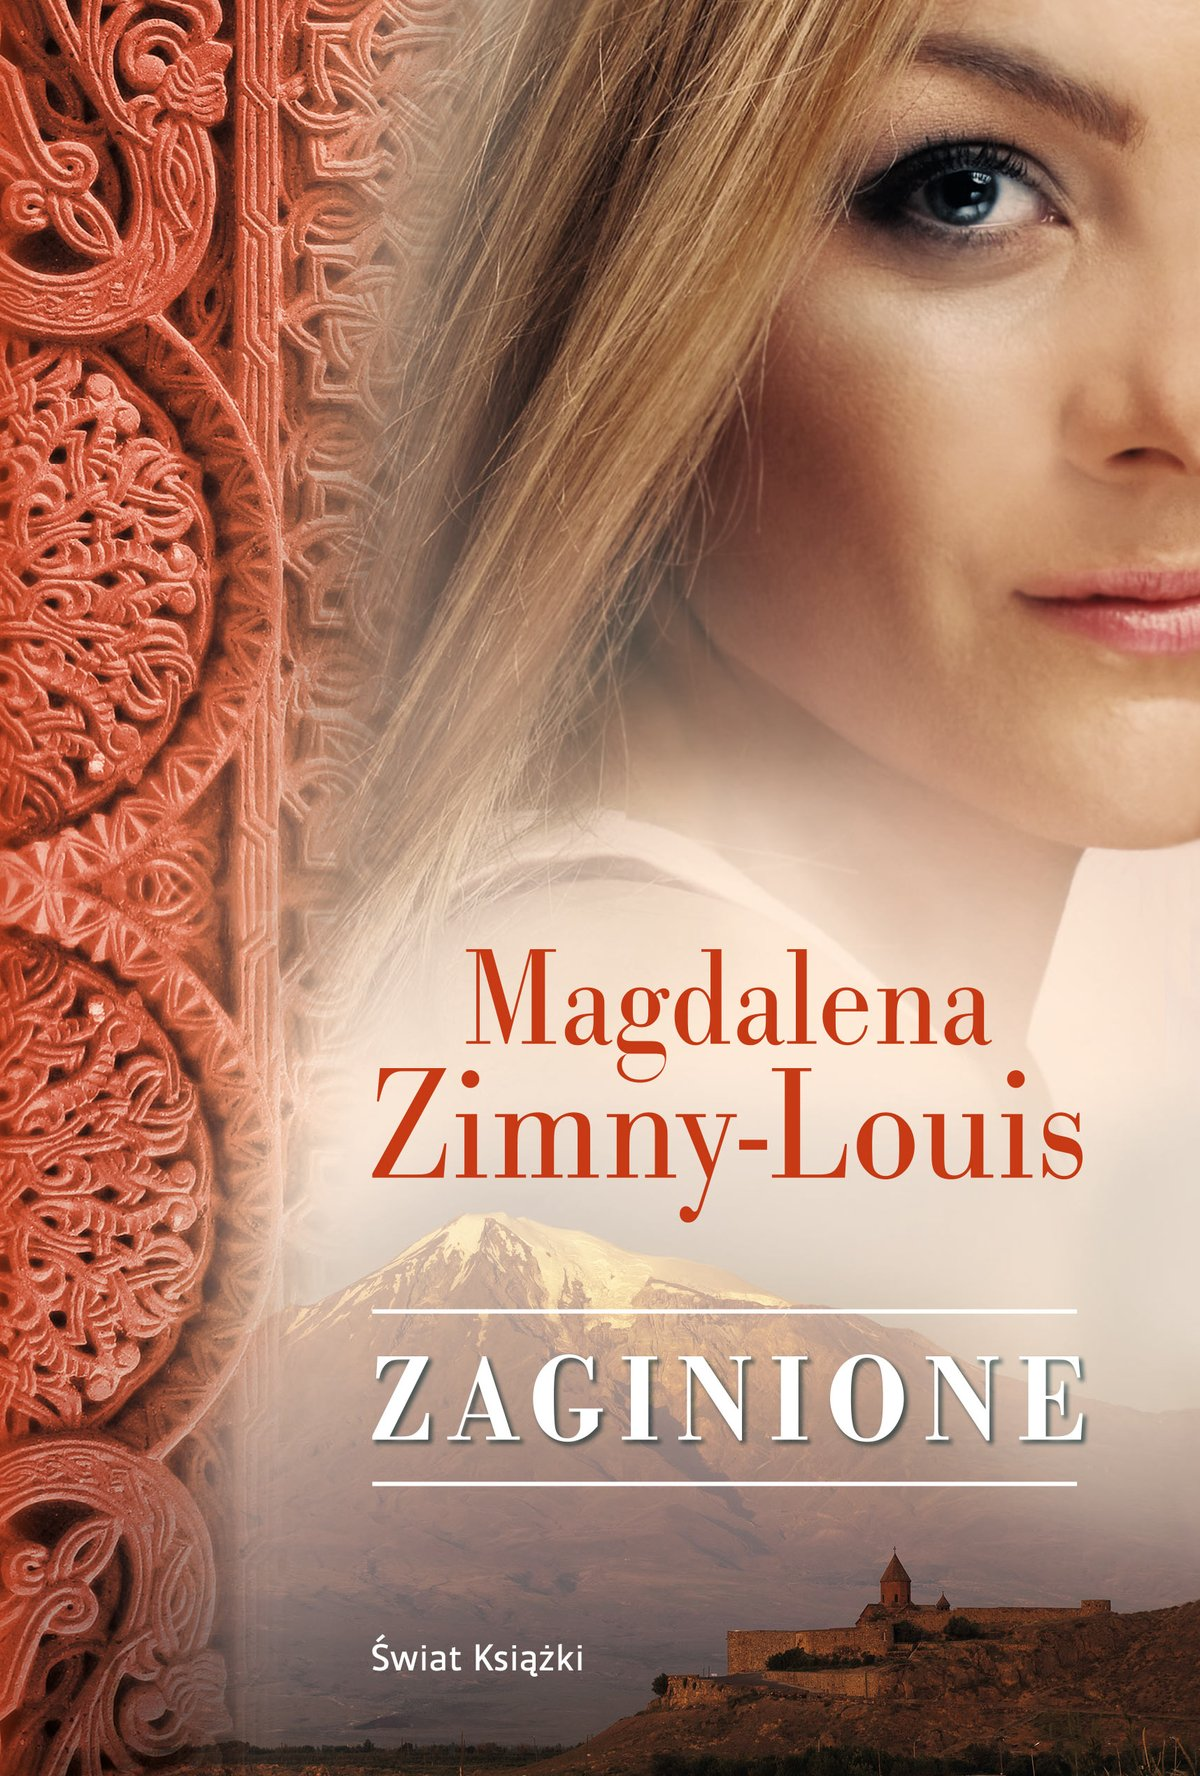 Zaginione - Ebook (Książka na Kindle) do pobrania w formacie MOBI